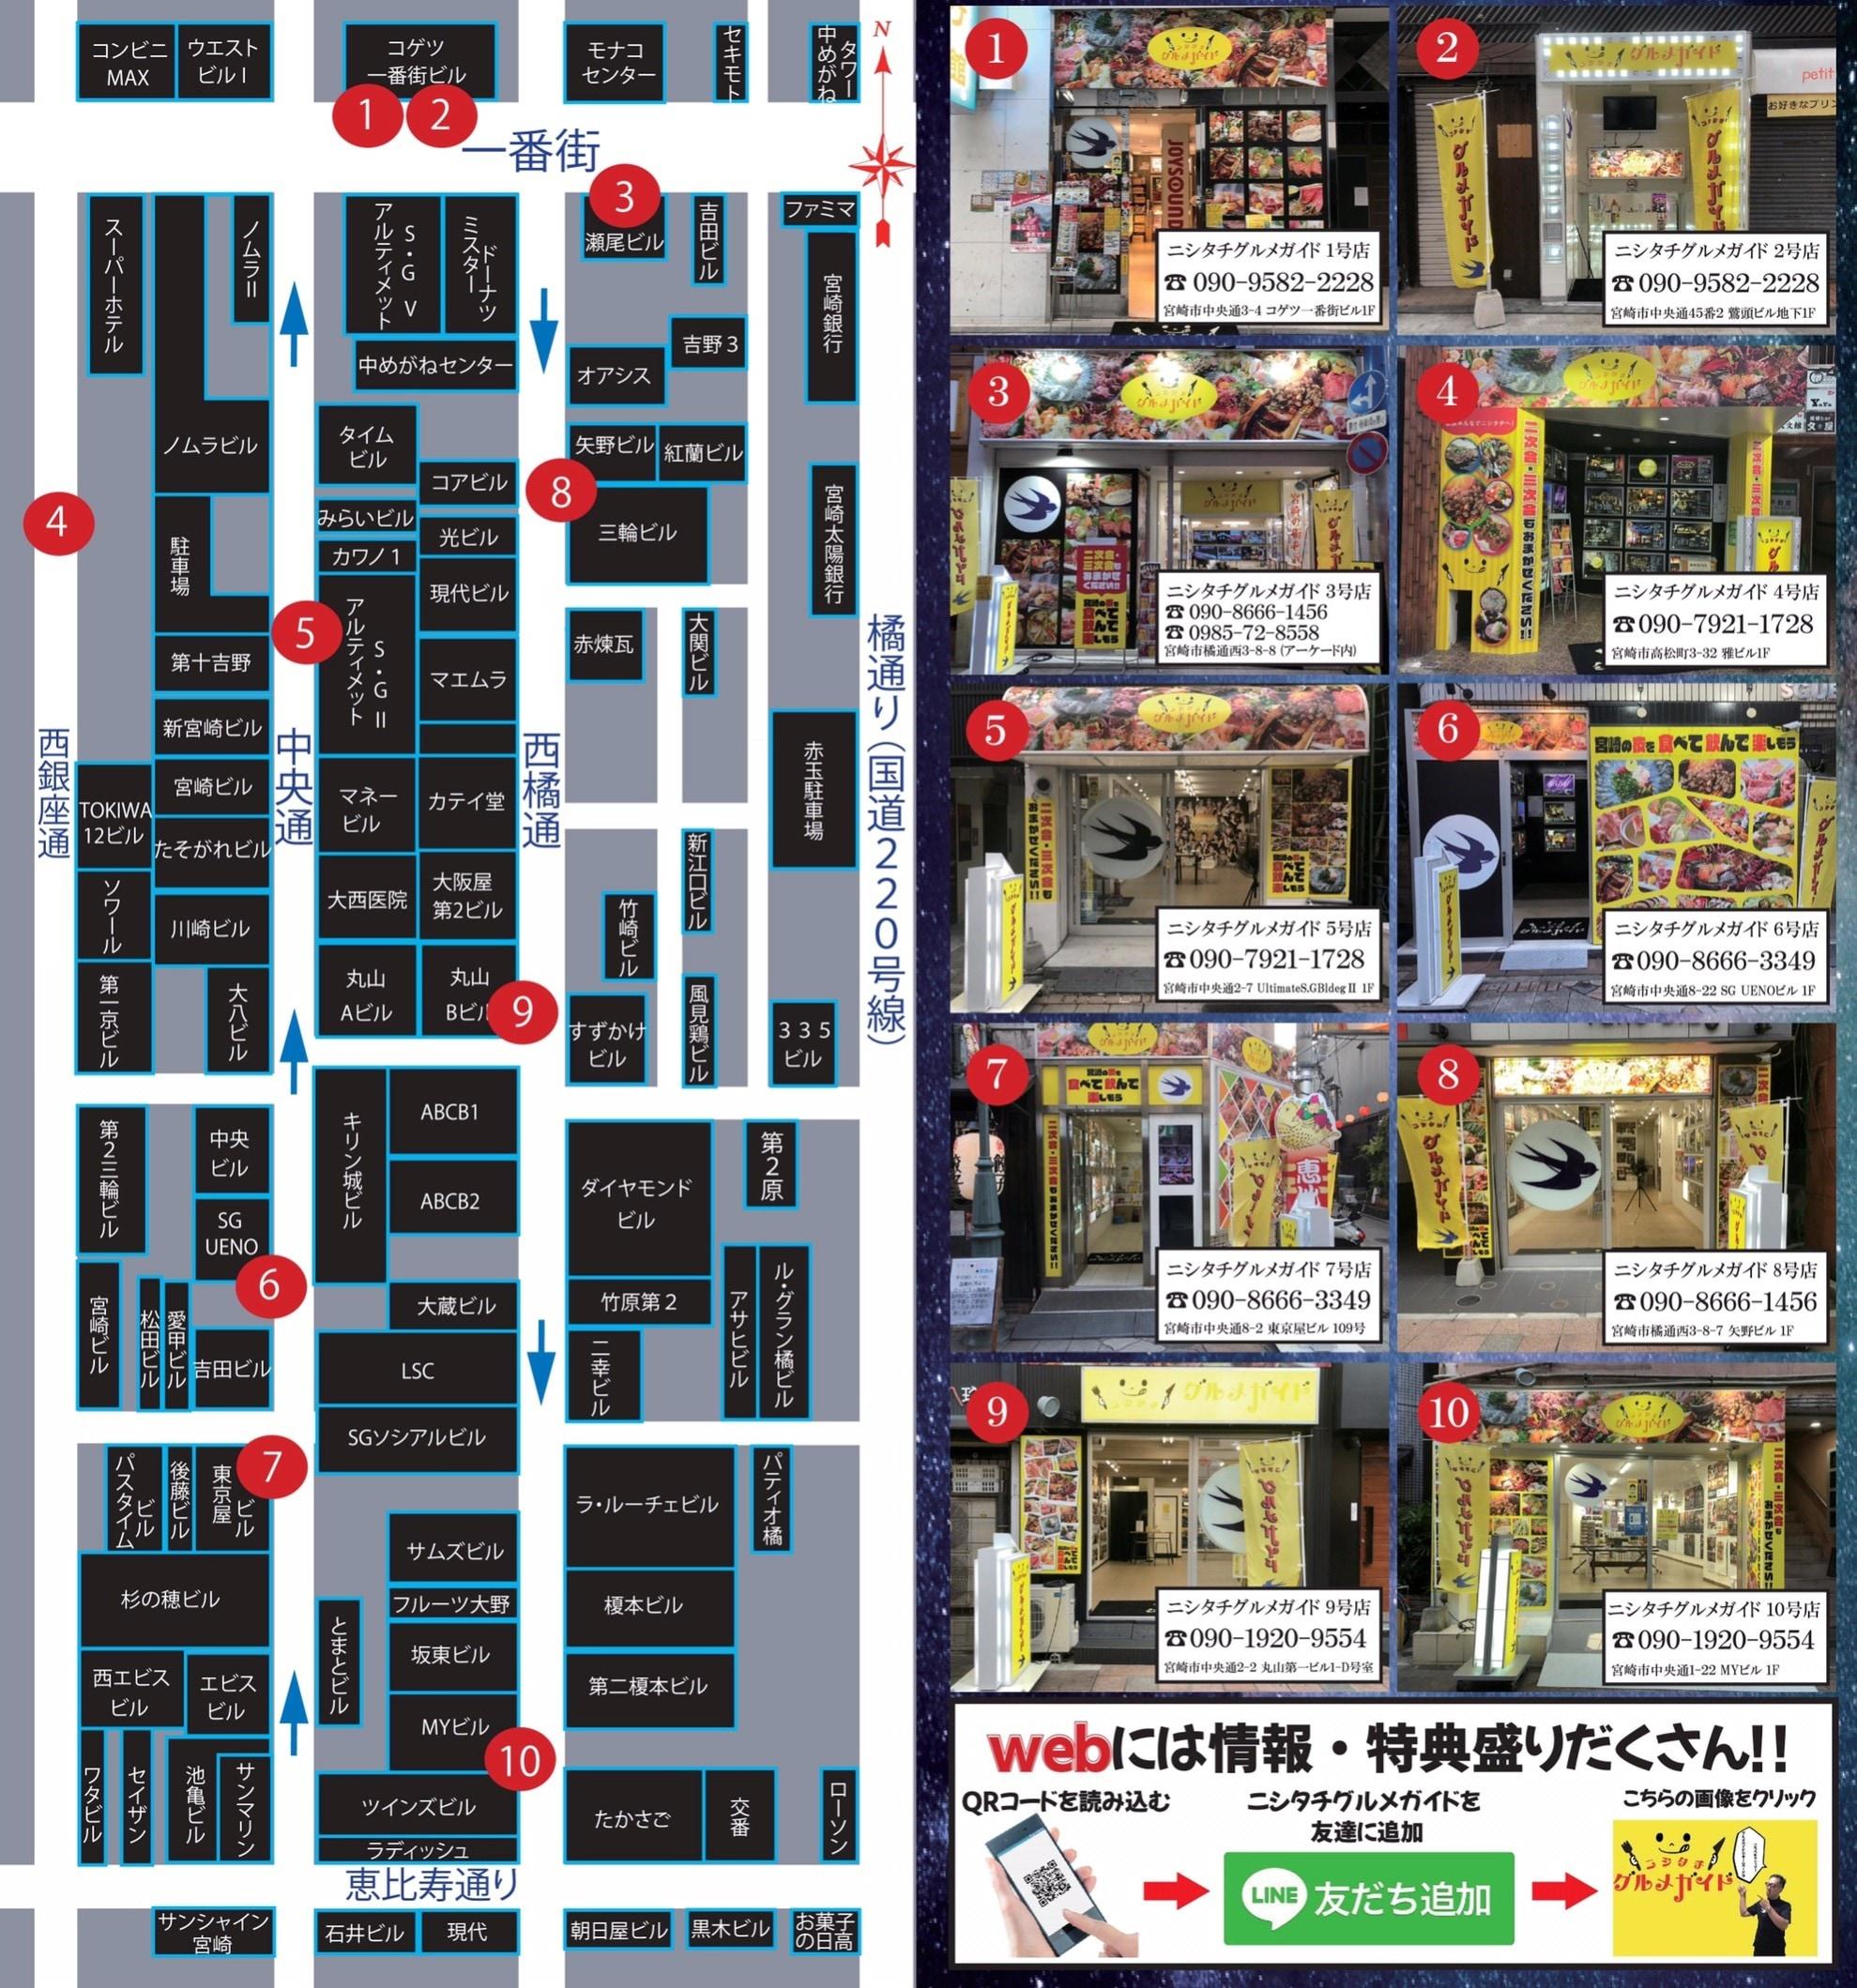 ニシタチグルメガイド|宮崎県|宮崎市|西橘通|ニシタチ|にしたち|案内所|居酒屋|食事処|グルメ